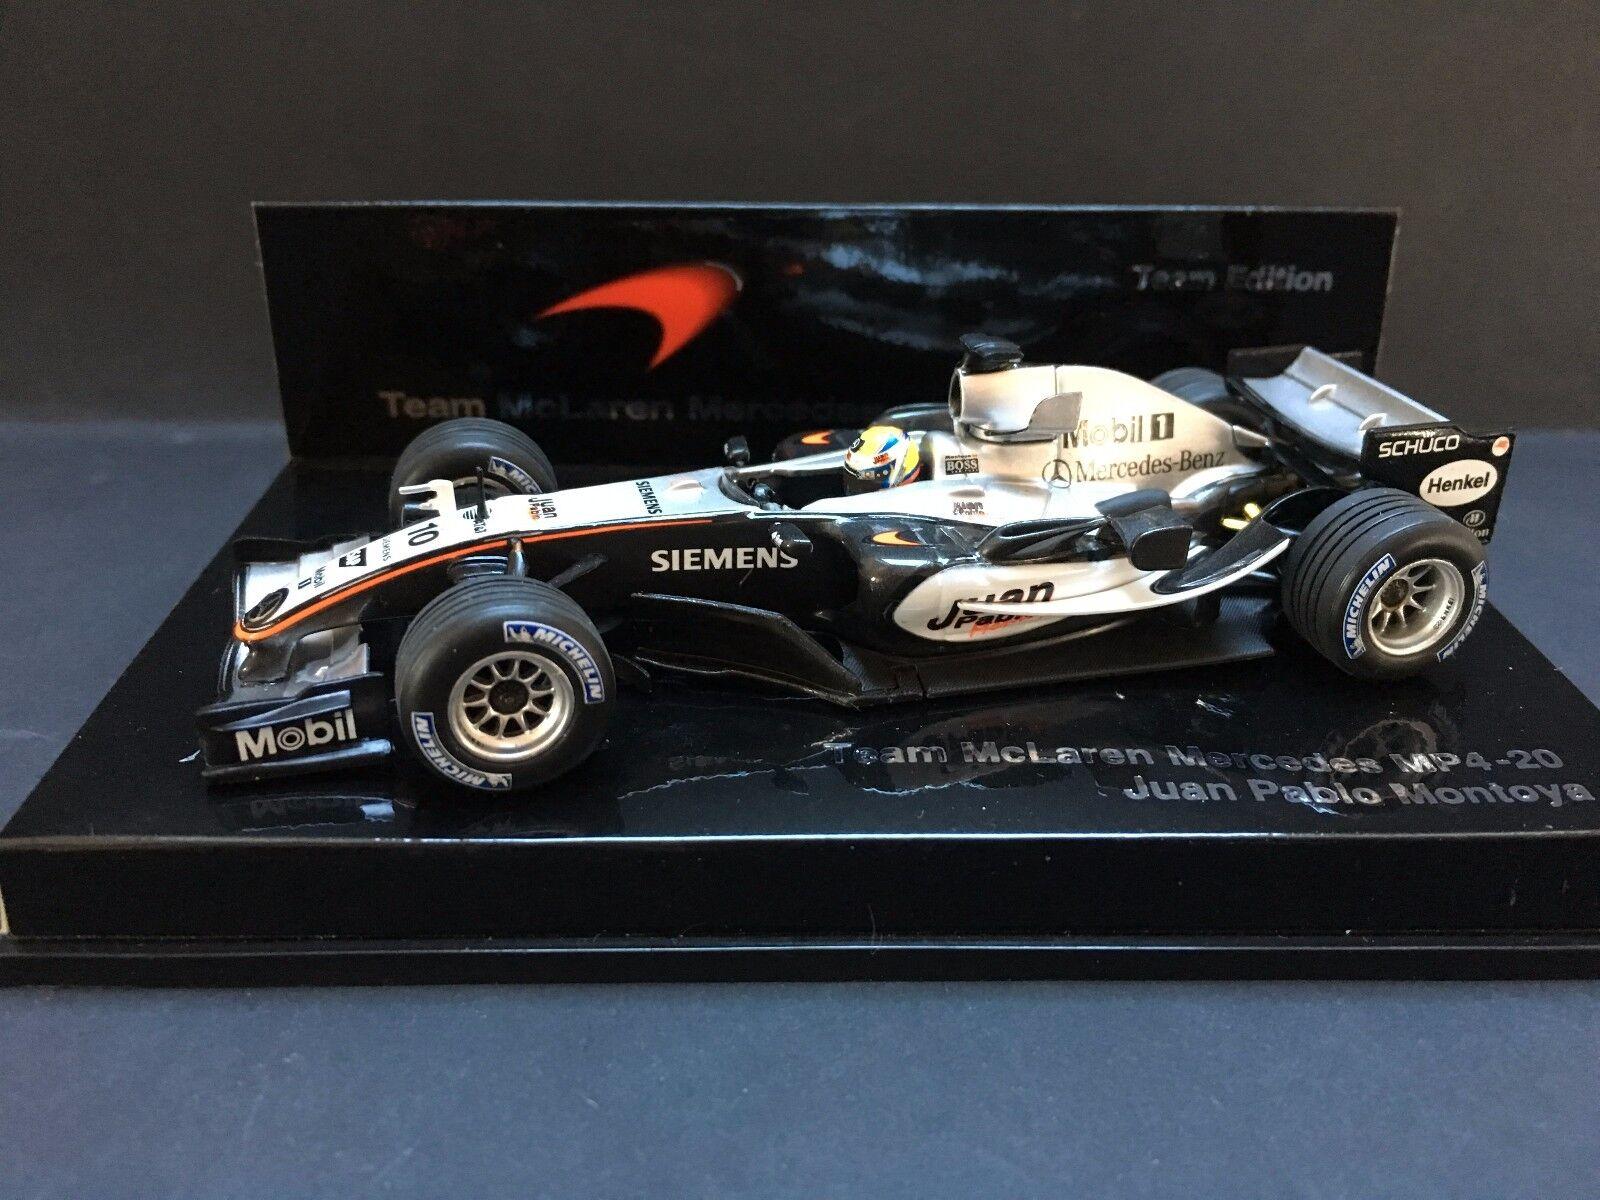 Minichamps - Juan Pablo MonJuguetea - McLaren - Mp4 20 20 20 - 2005 -1 43 -  Team edition  El nuevo outlet de marcas online.